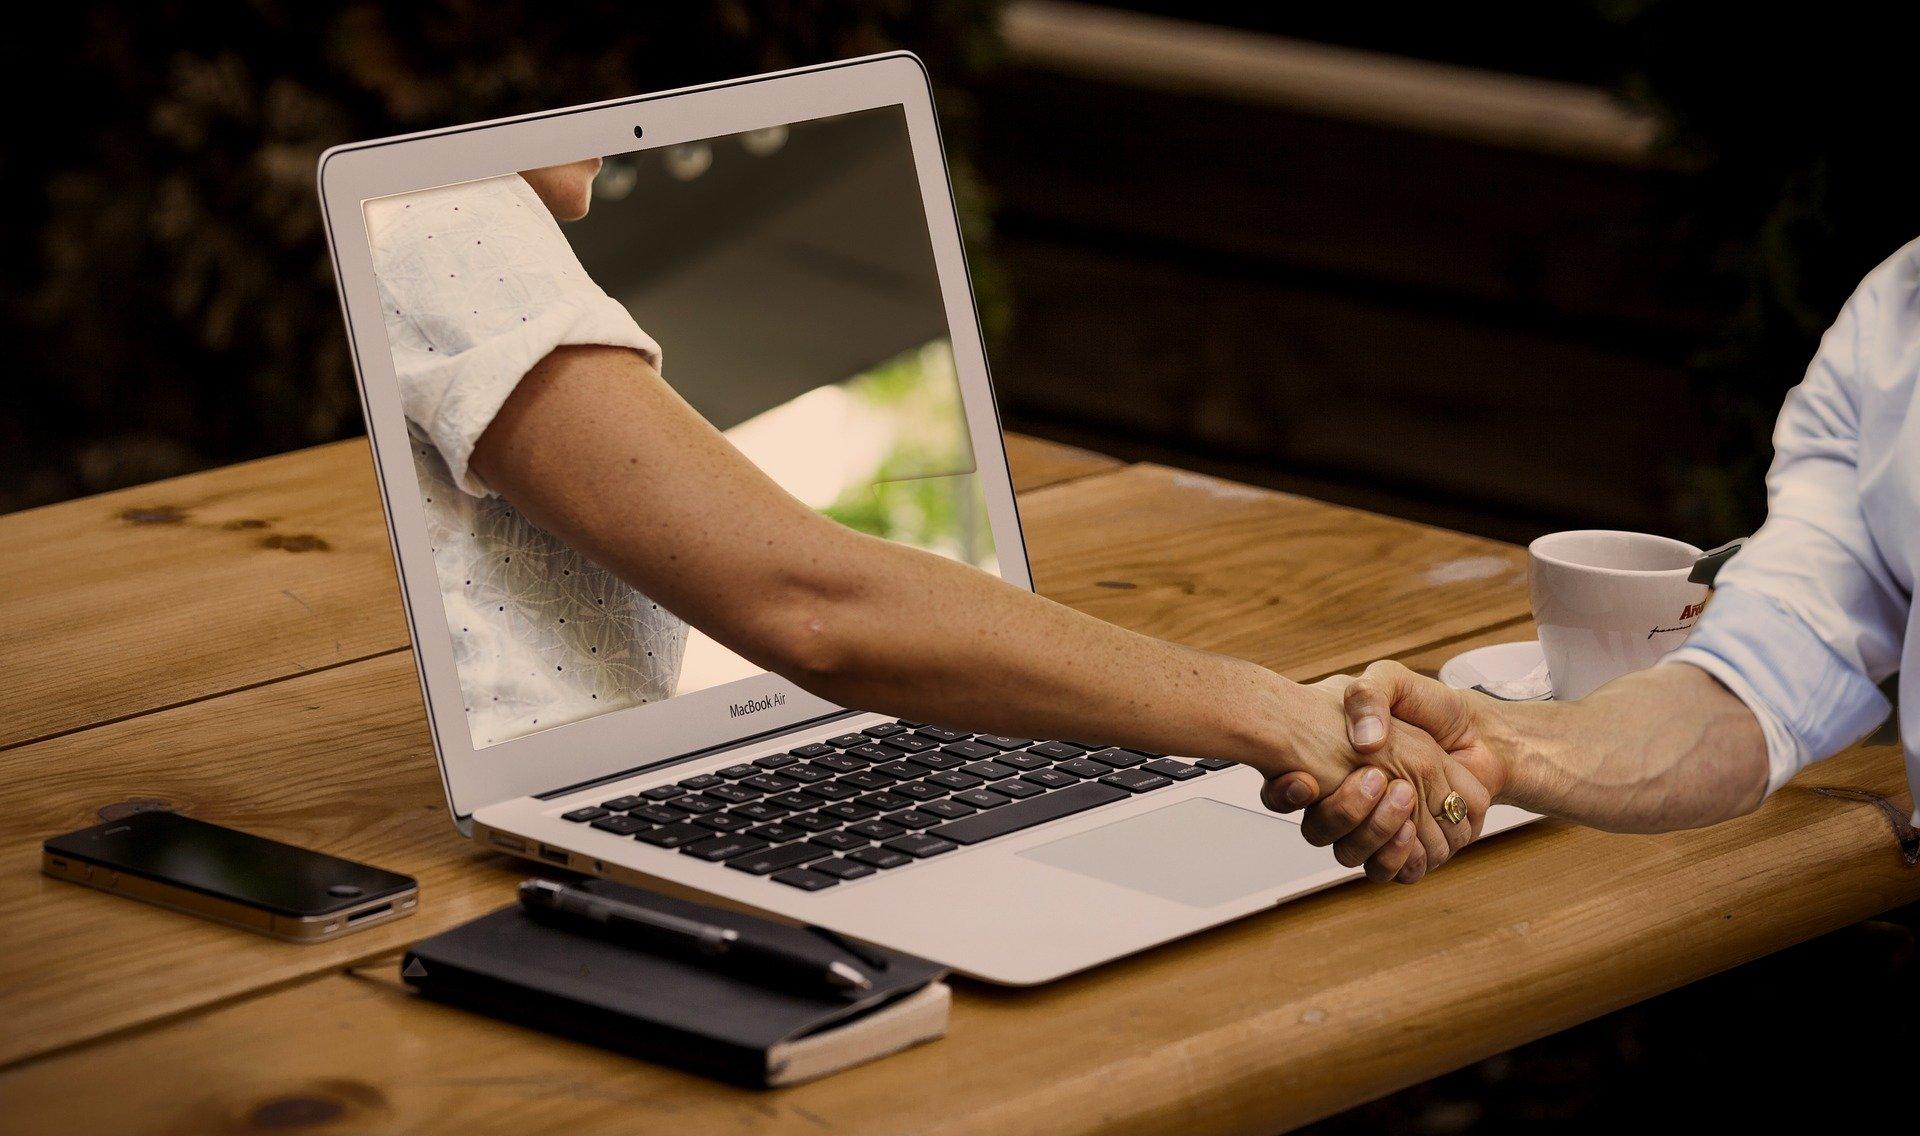 Teil 3 - 5 Tipps zur virtuellen Zusammenarbeit